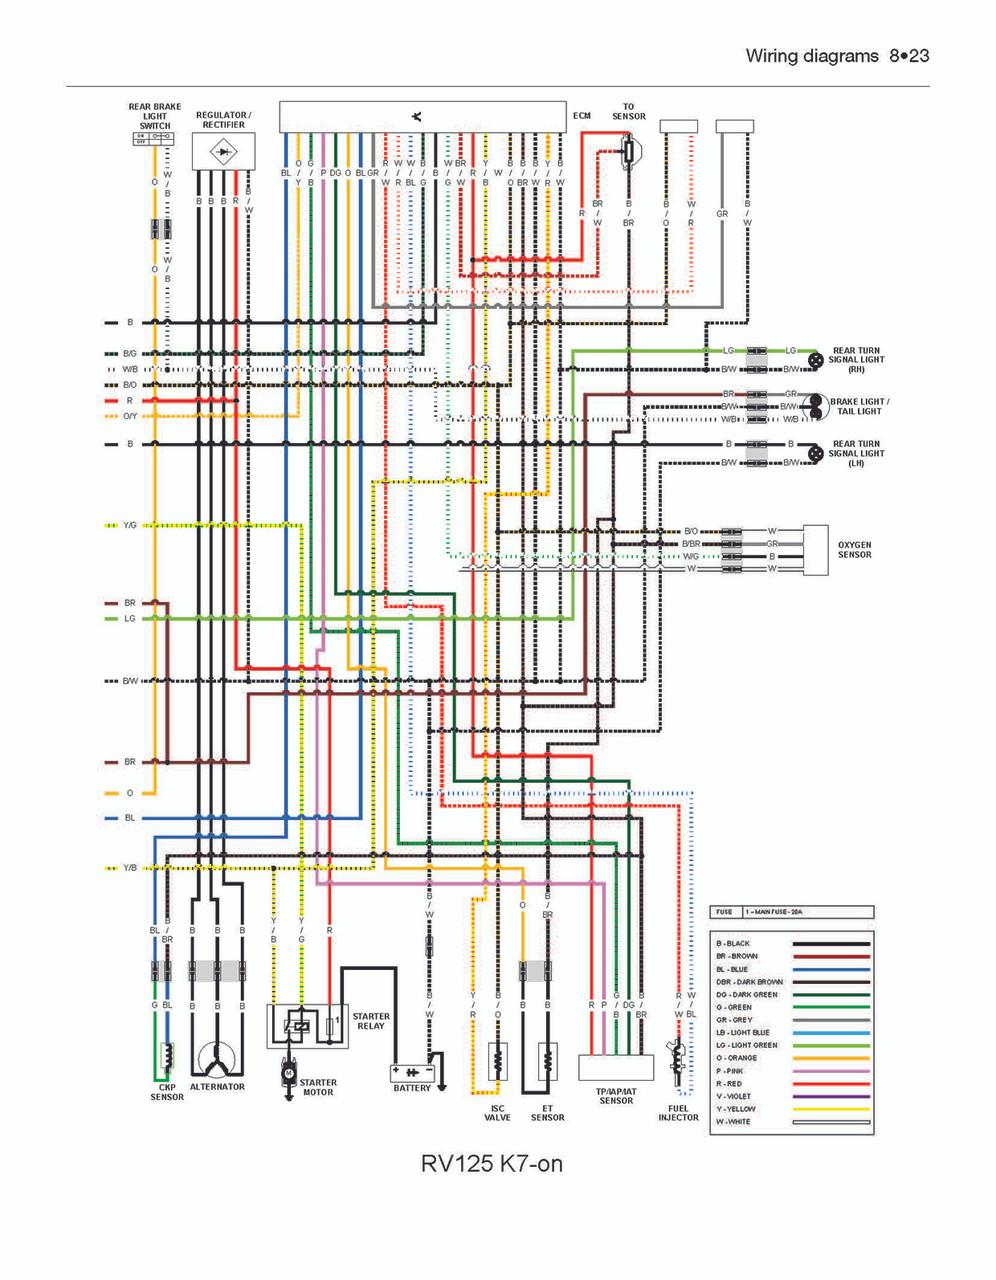 f7d suzuki rv90 wiring diagram wiring resources 1972 suzuki 350 wiring diagram suzuki rv90 wiring diagram #3